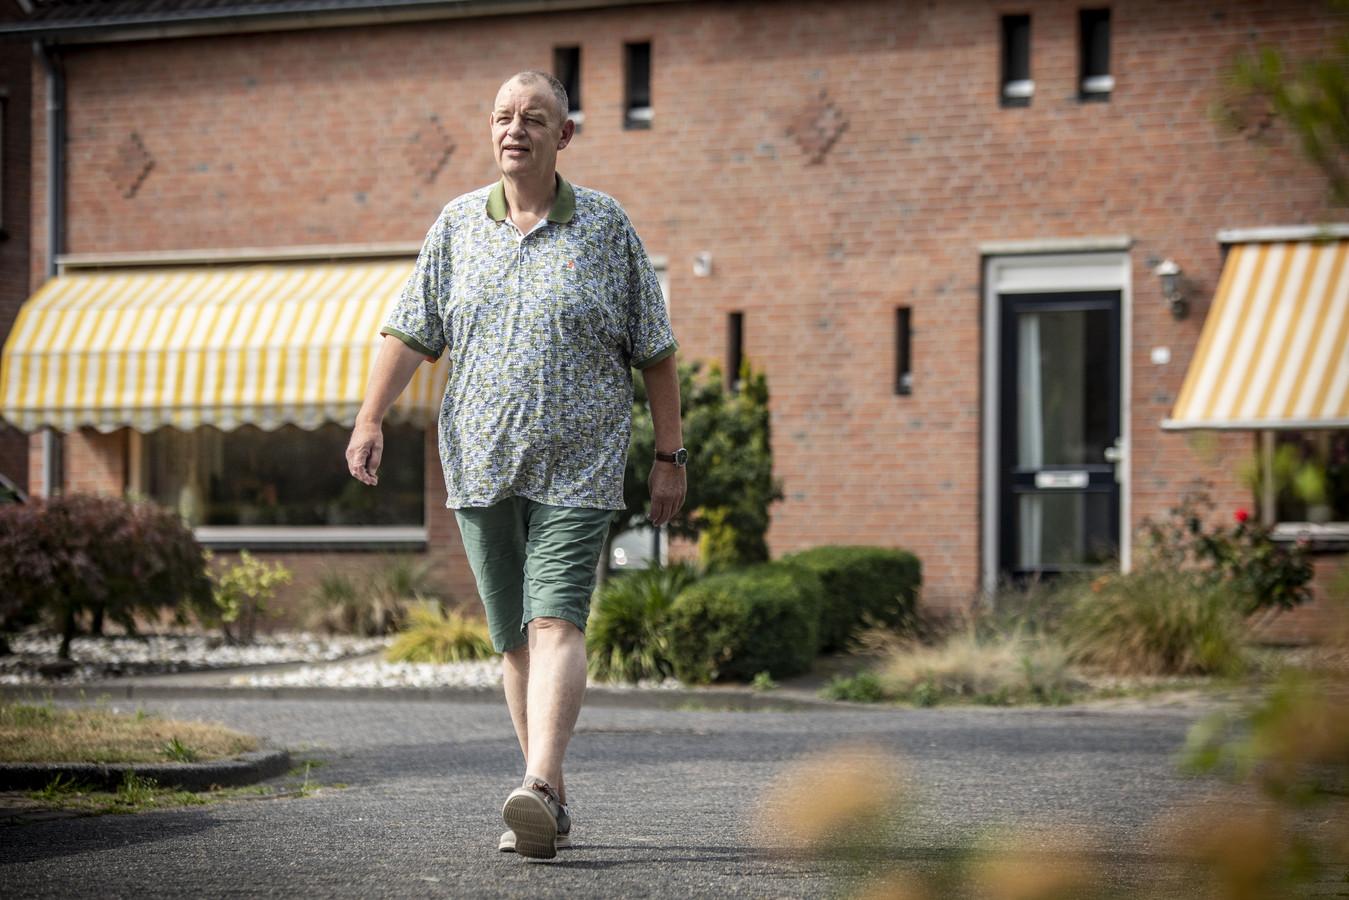 Gerard Ekelhof viel zeventig kilo af na een maagverkleining. Hij voelt zich nu een stuk fitter.